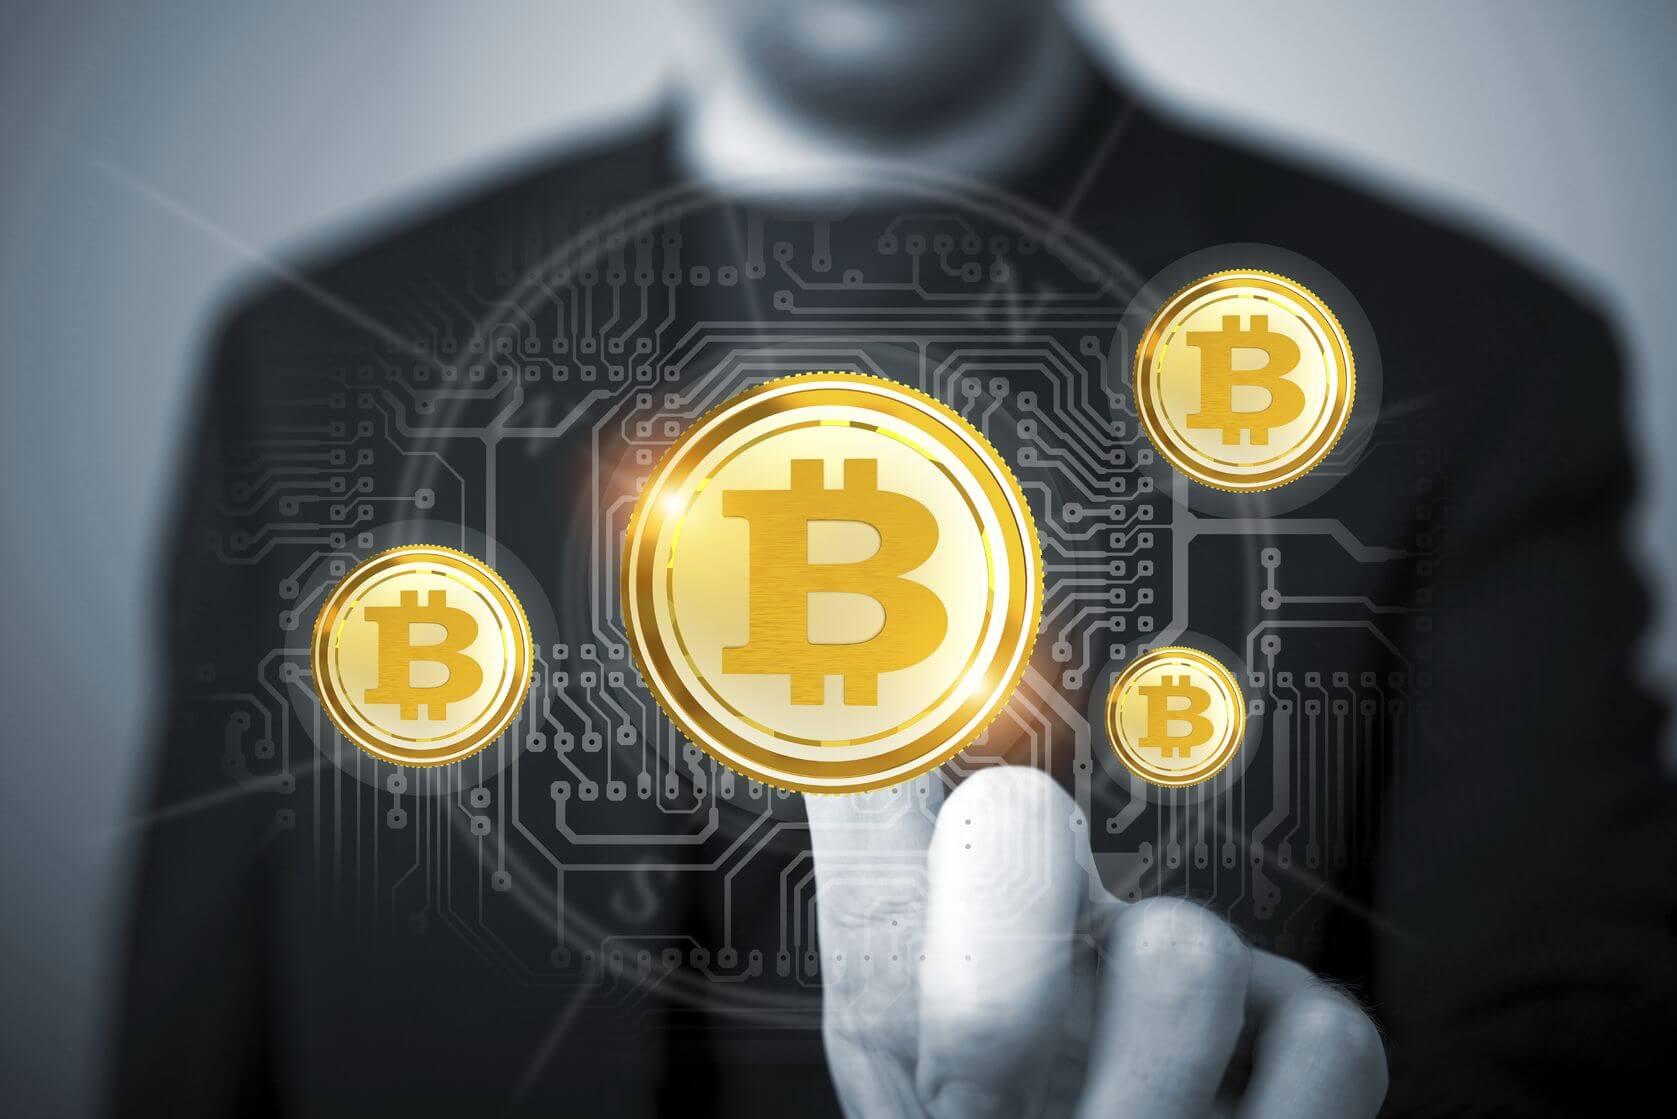 نصائح لكيفية تسريع معاملات العملات الرقمية المشفرة الخاصة بك